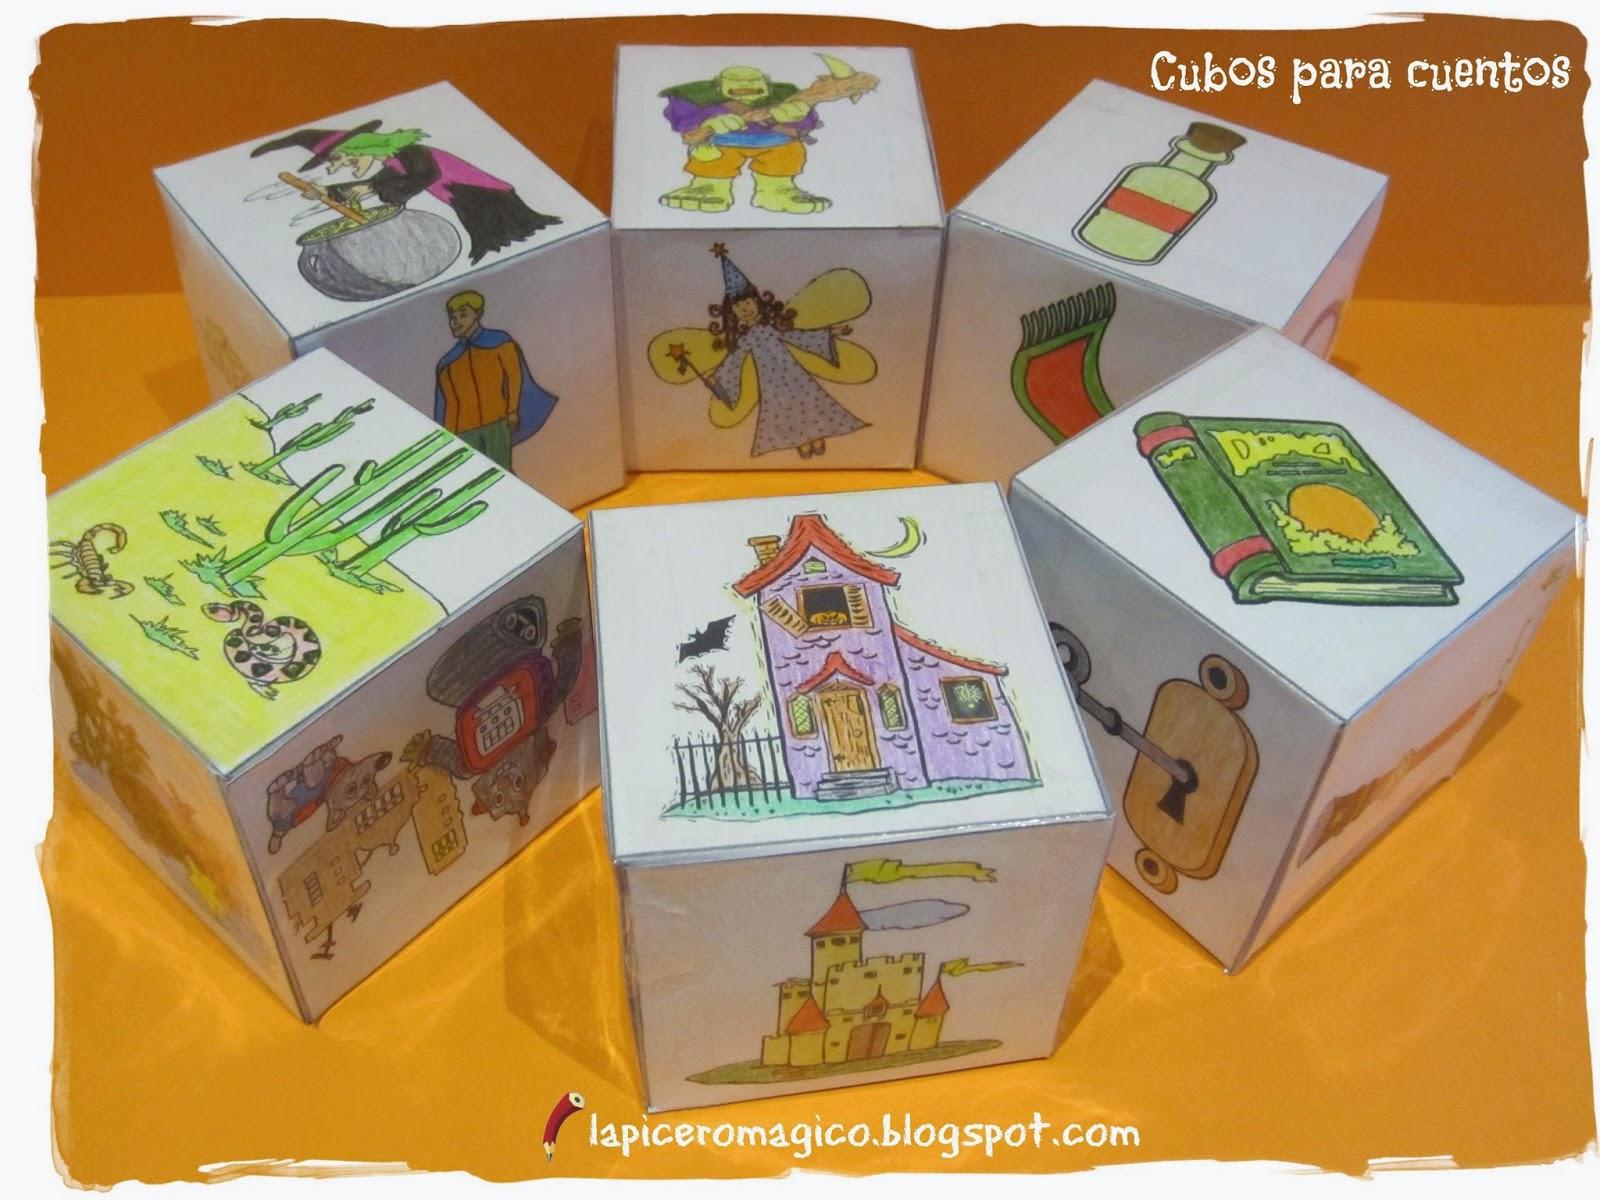 Resultado de imagen para cubos cuenta cuentos